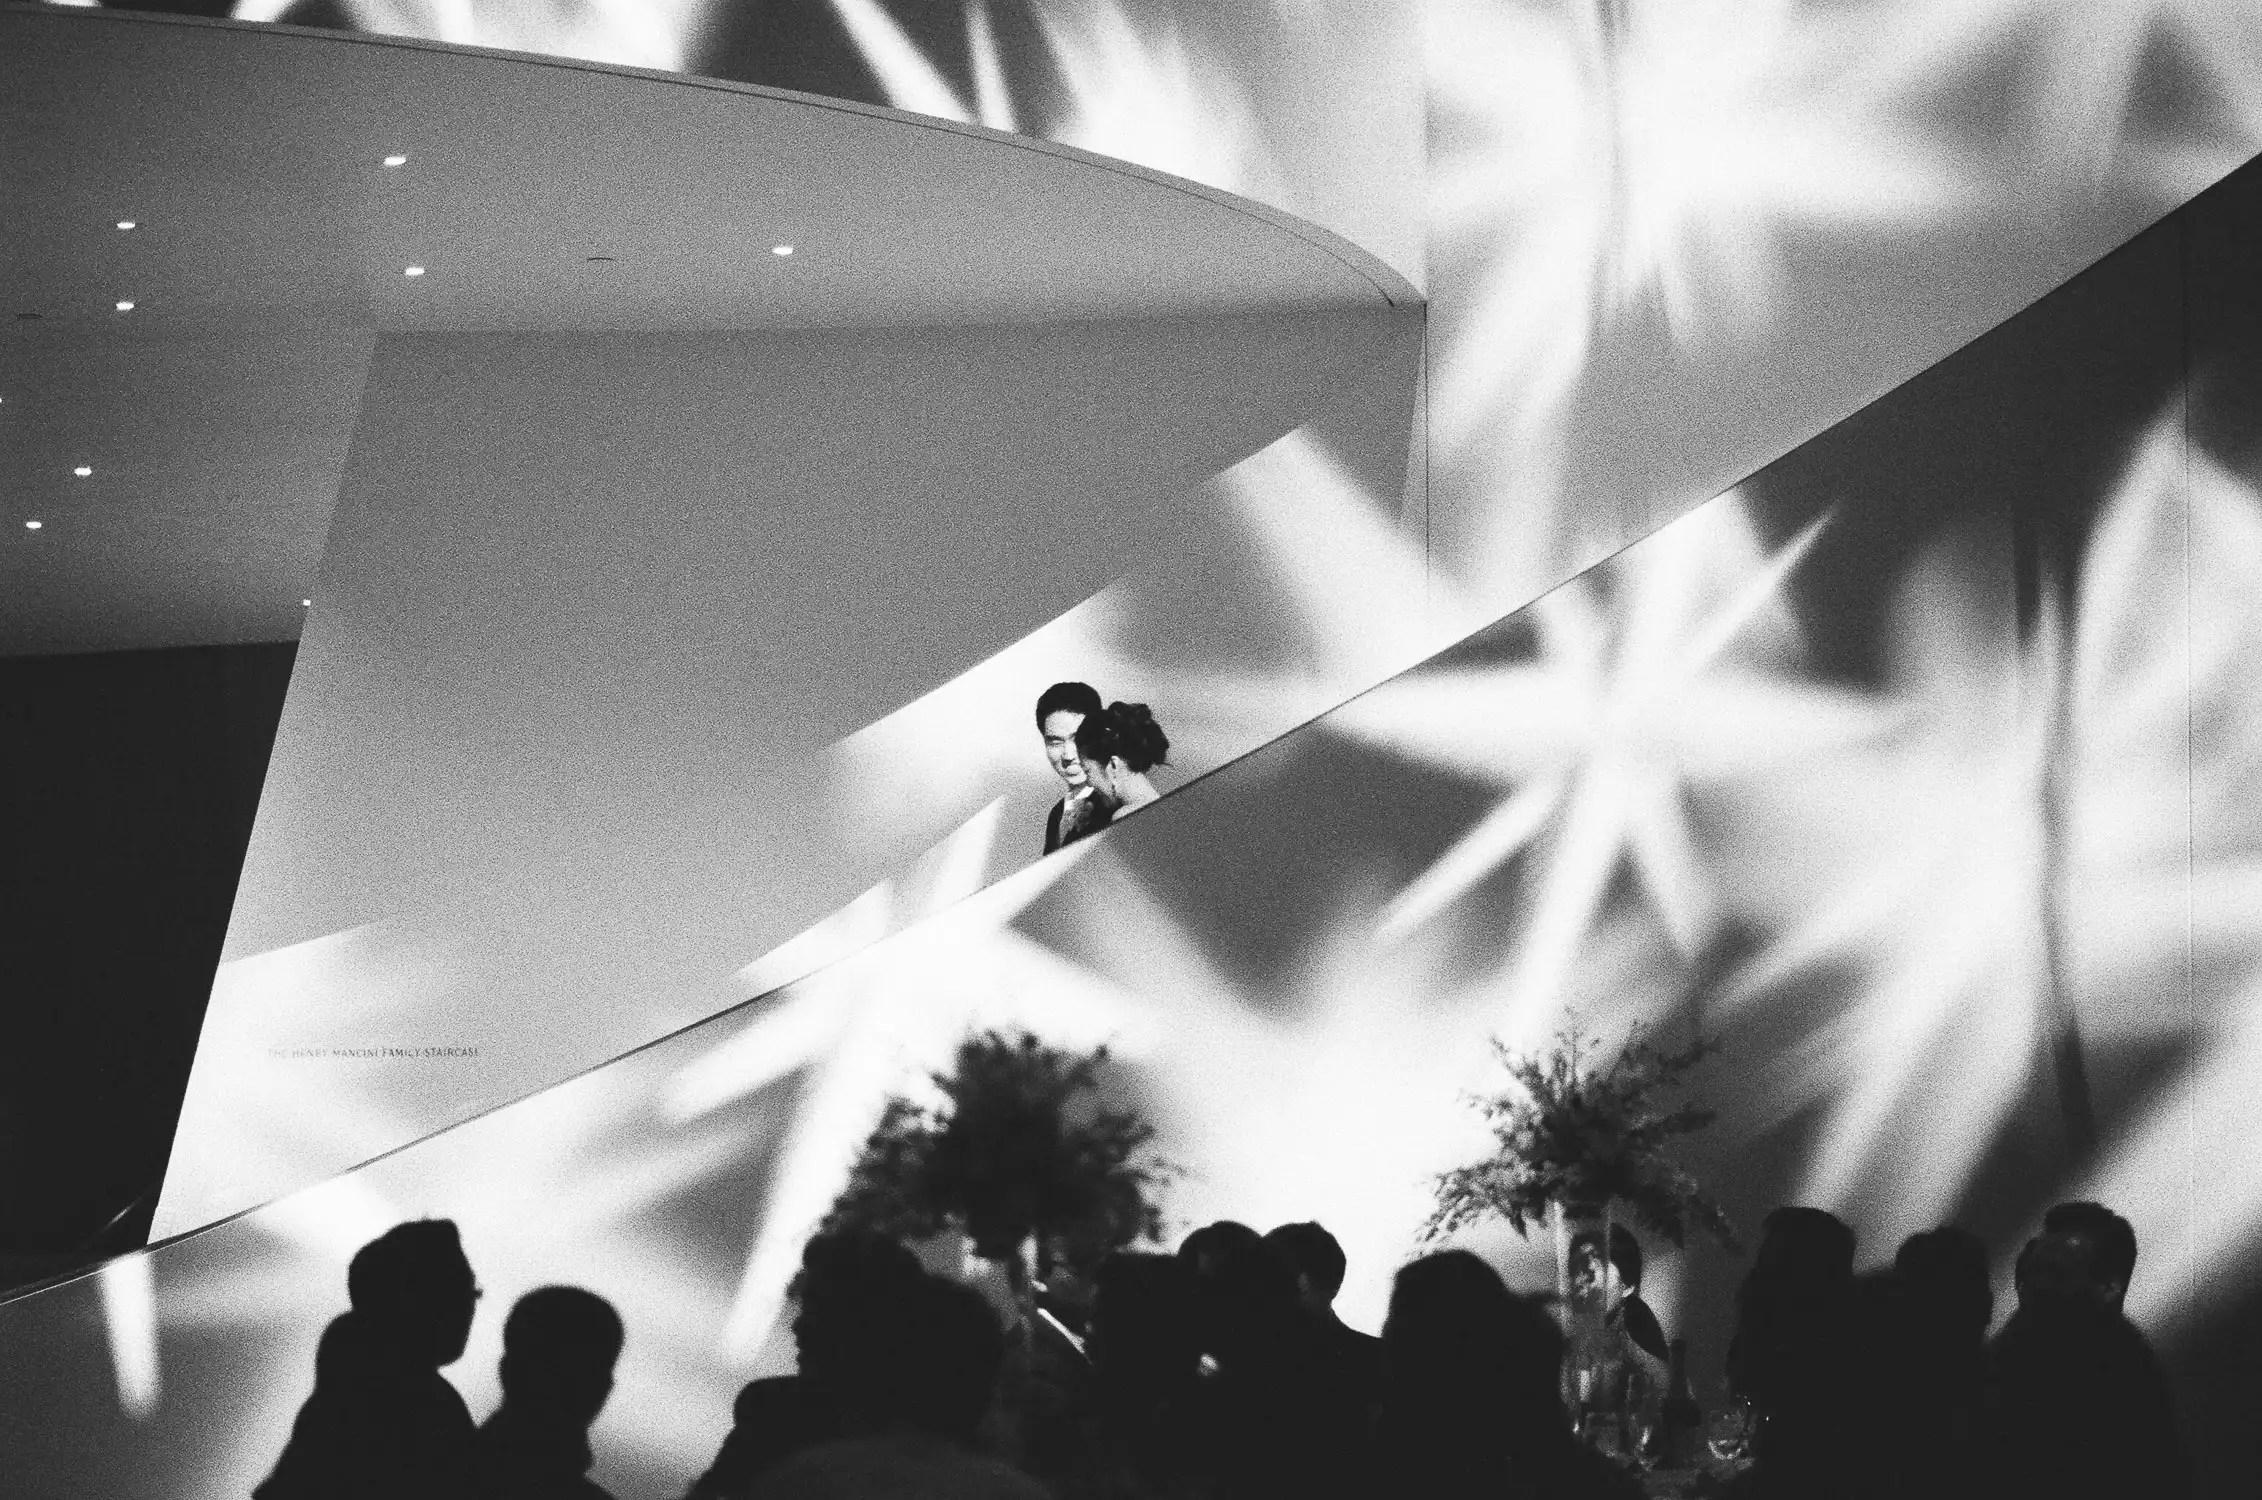 walt Disney wedding reception